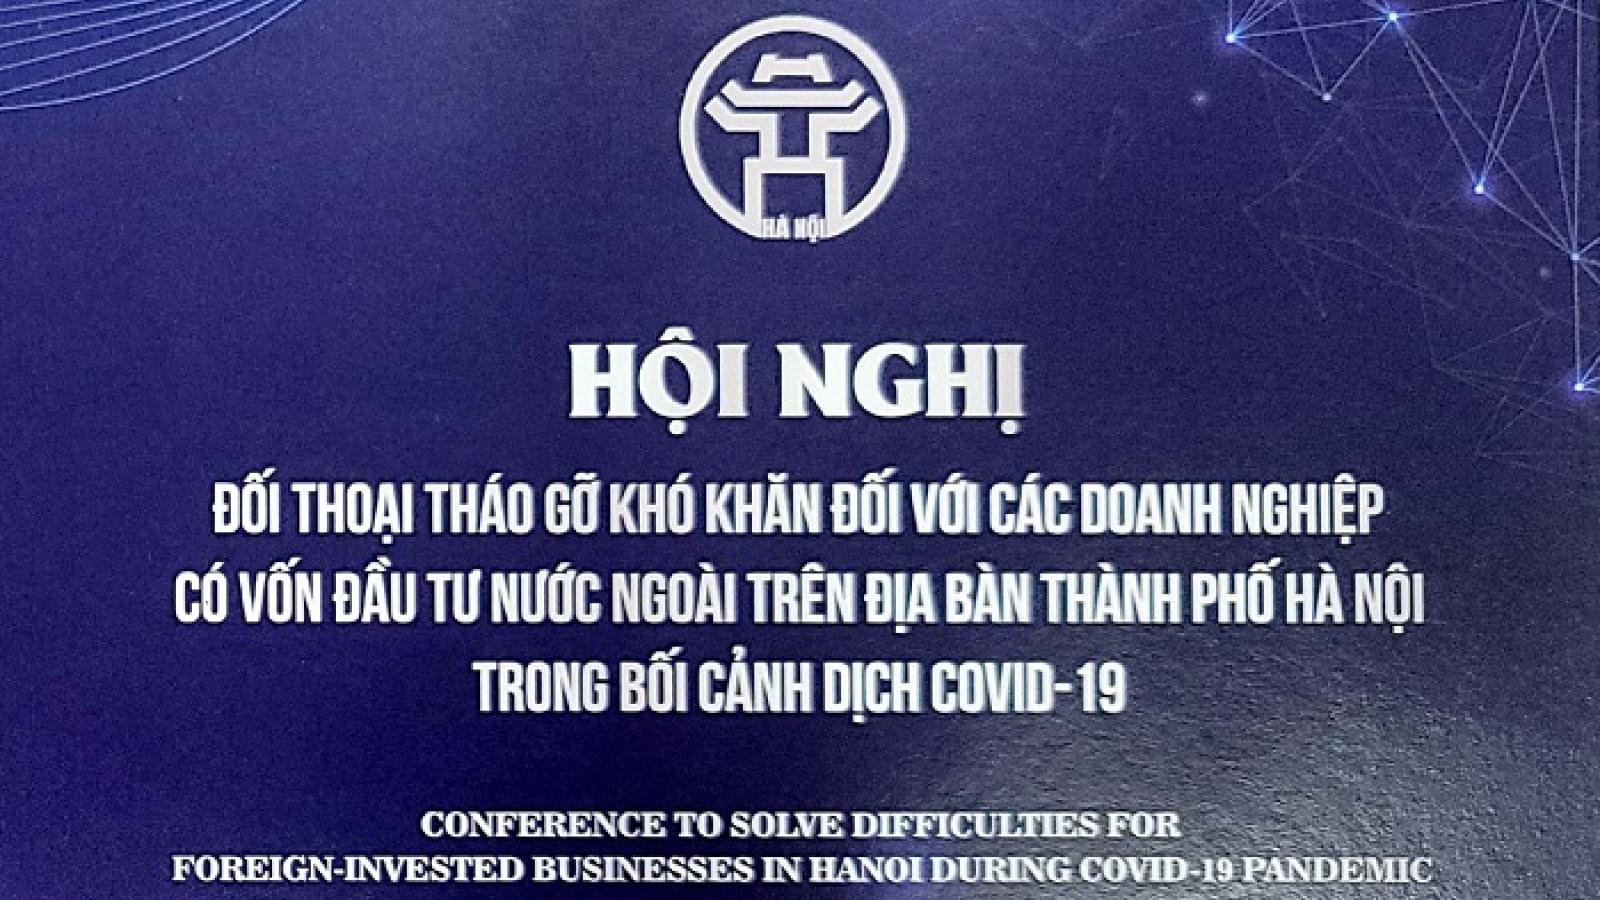 Hà Nội đối thoại tháo gỡ khó khăn cho doanh nghiệp FDI do đại dịch Covid-19